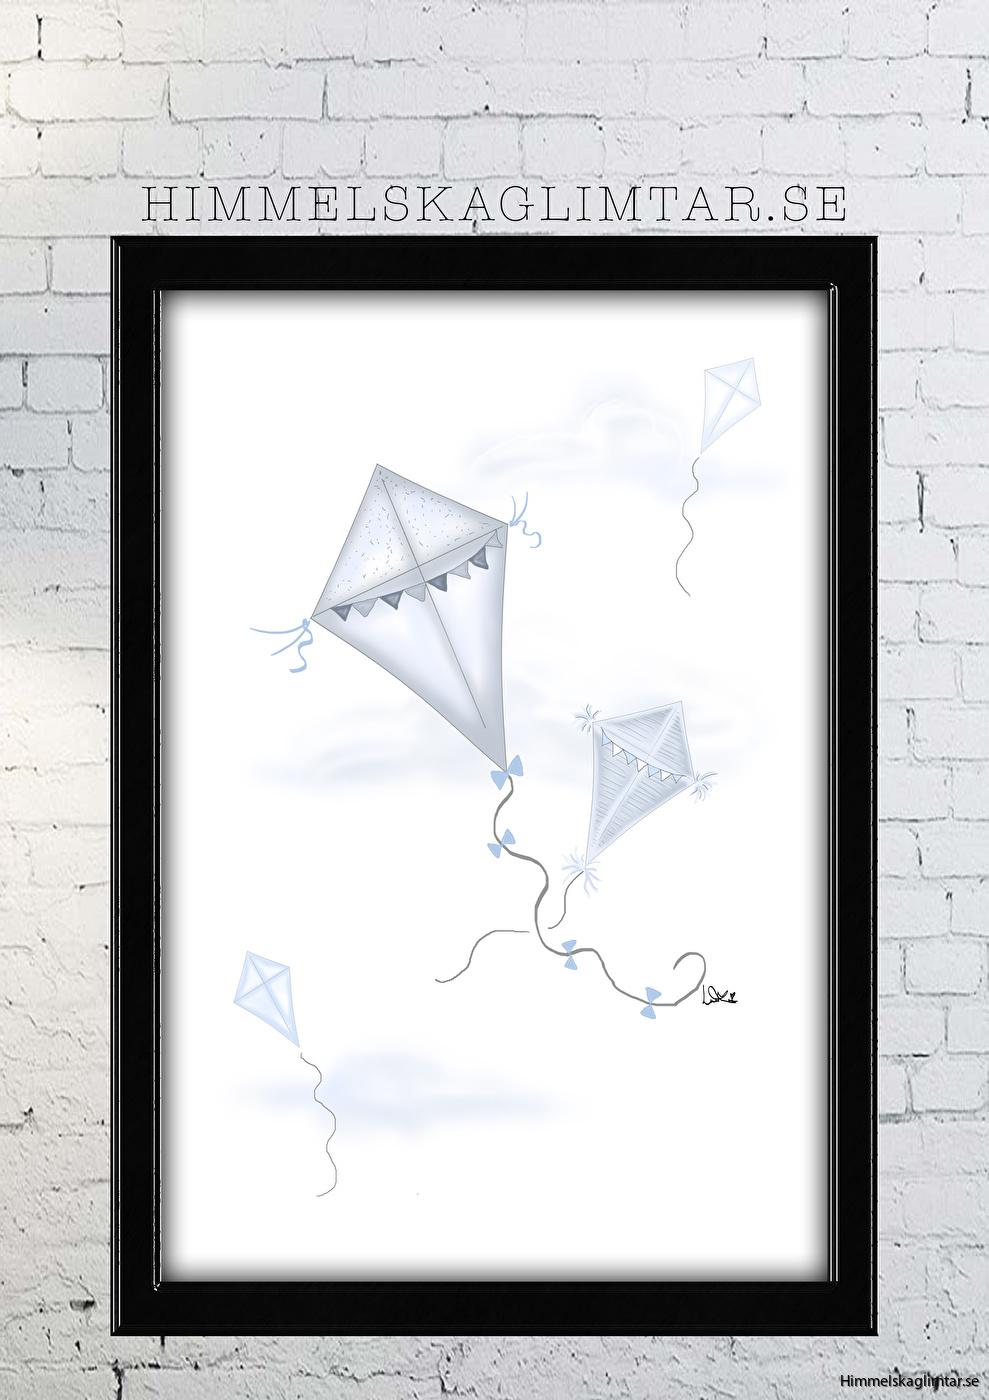 barnrum-barnrumsinredning-barnposter-poster-himmelskaglimtar-pojkrum-flrygande drakar